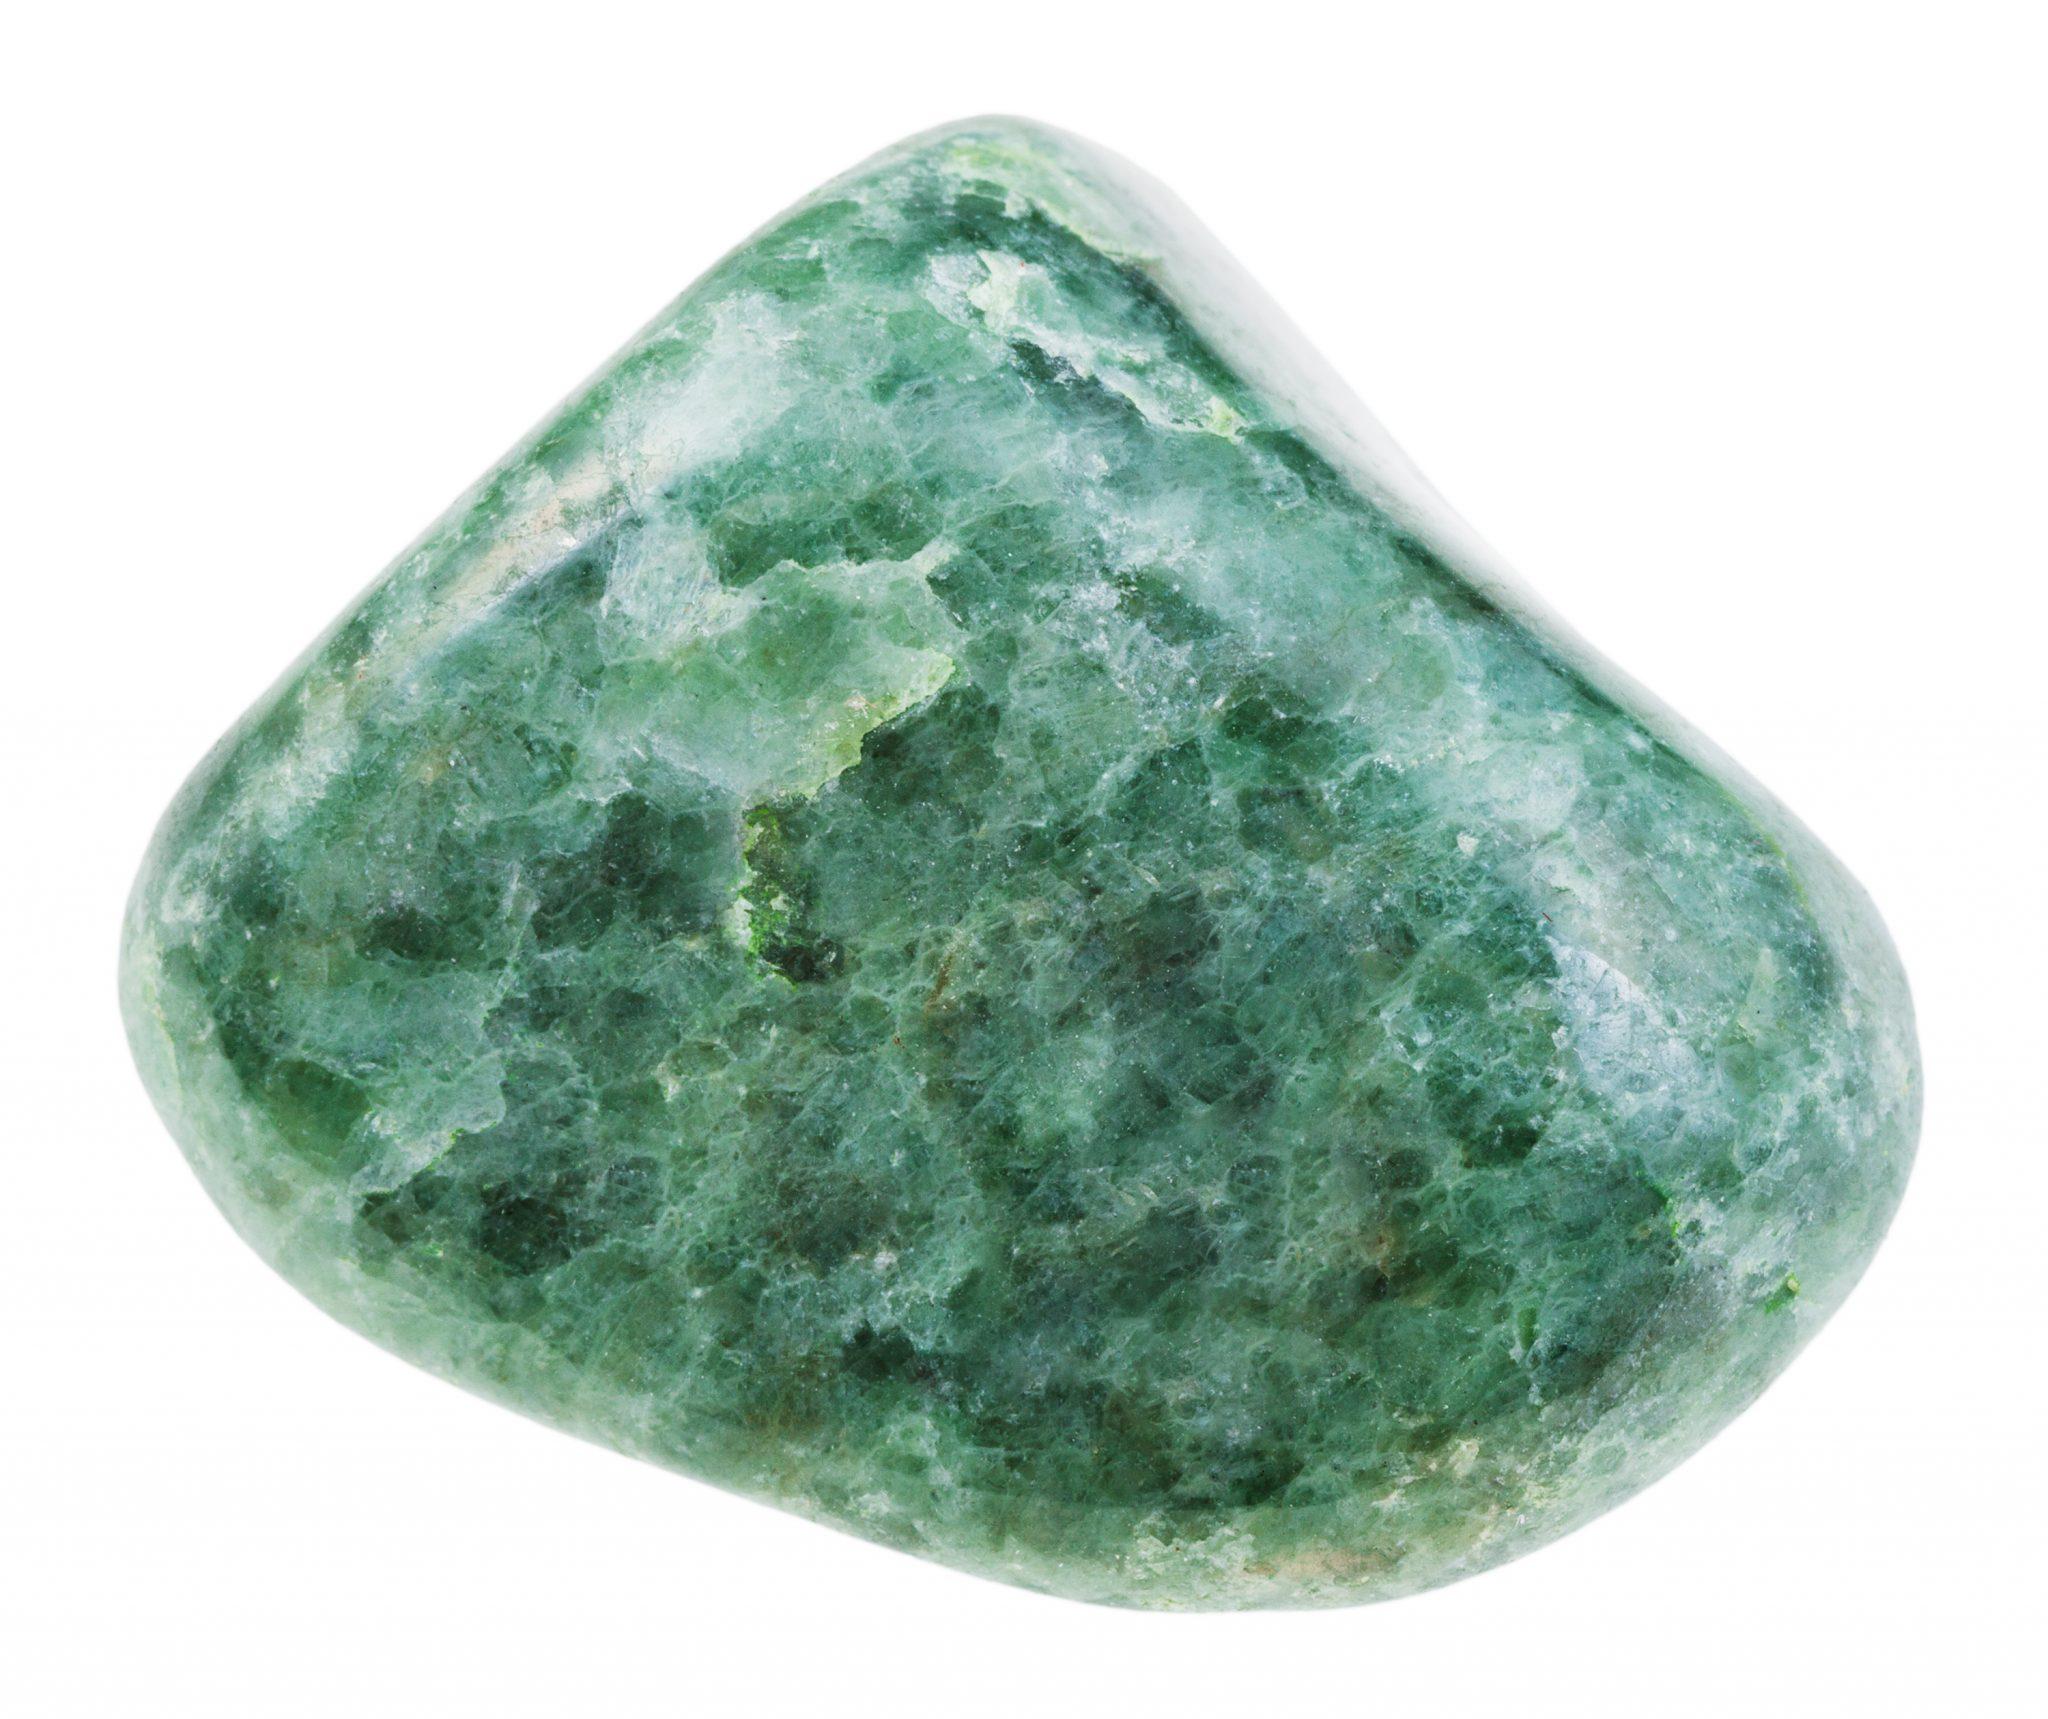 Камни для бани - жадеит, нефрит, яшма и другие камни для сауны